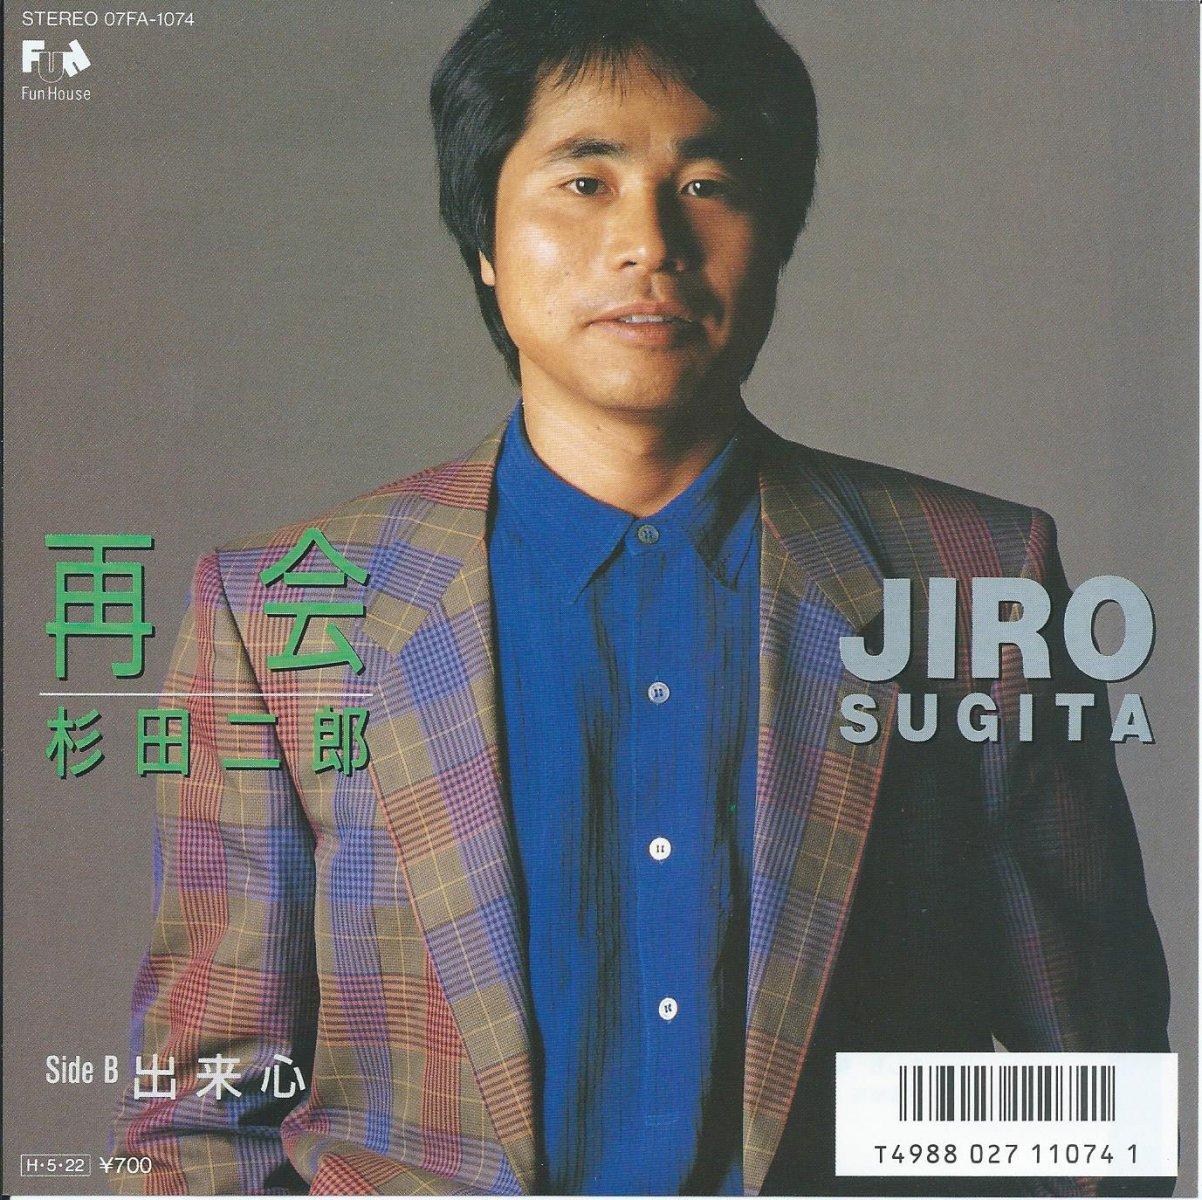 杉田二郎 JIRO SUGITA / 再会 / 出来心 (7